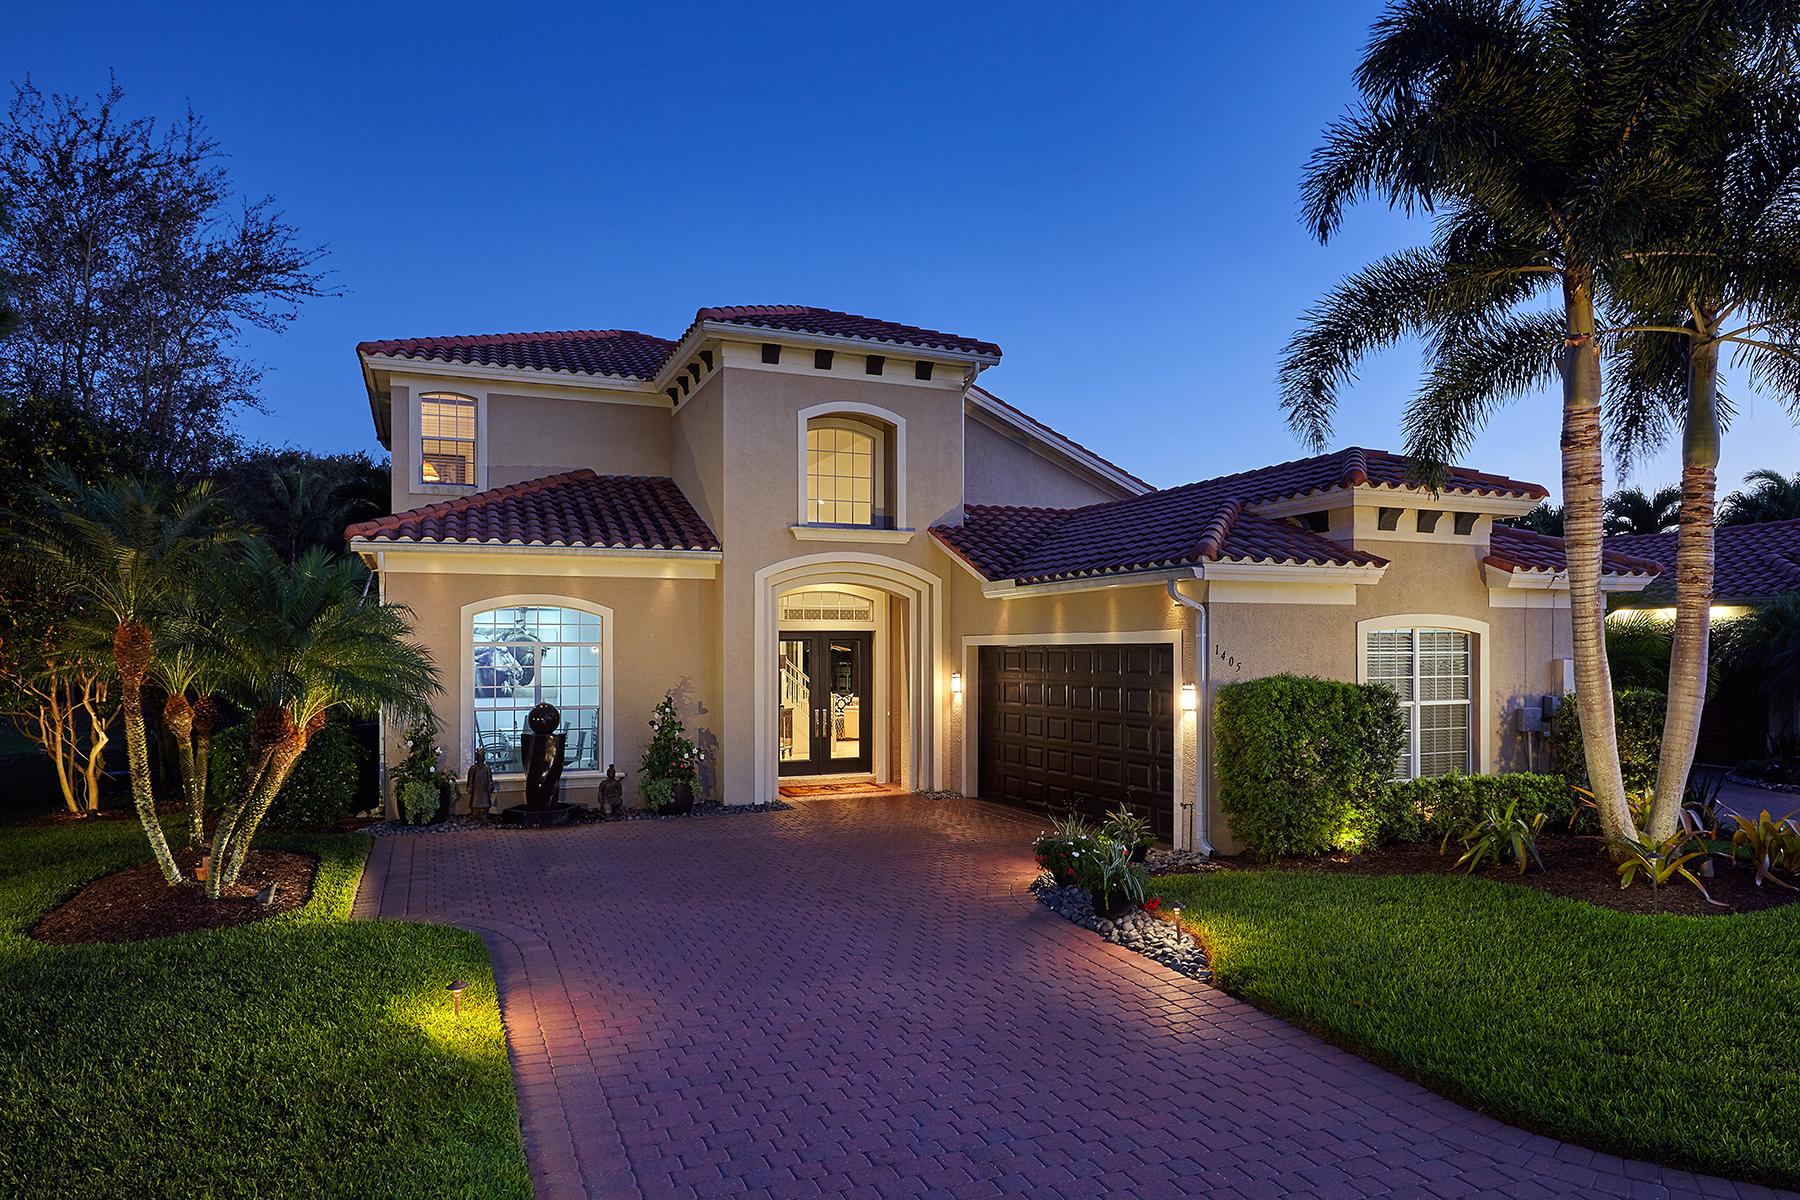 独户住宅 为 销售 在 PELICAN MARSH - PORTOFINO 1405 Via Portofino 那不勒斯, 佛罗里达州, 34108 美国